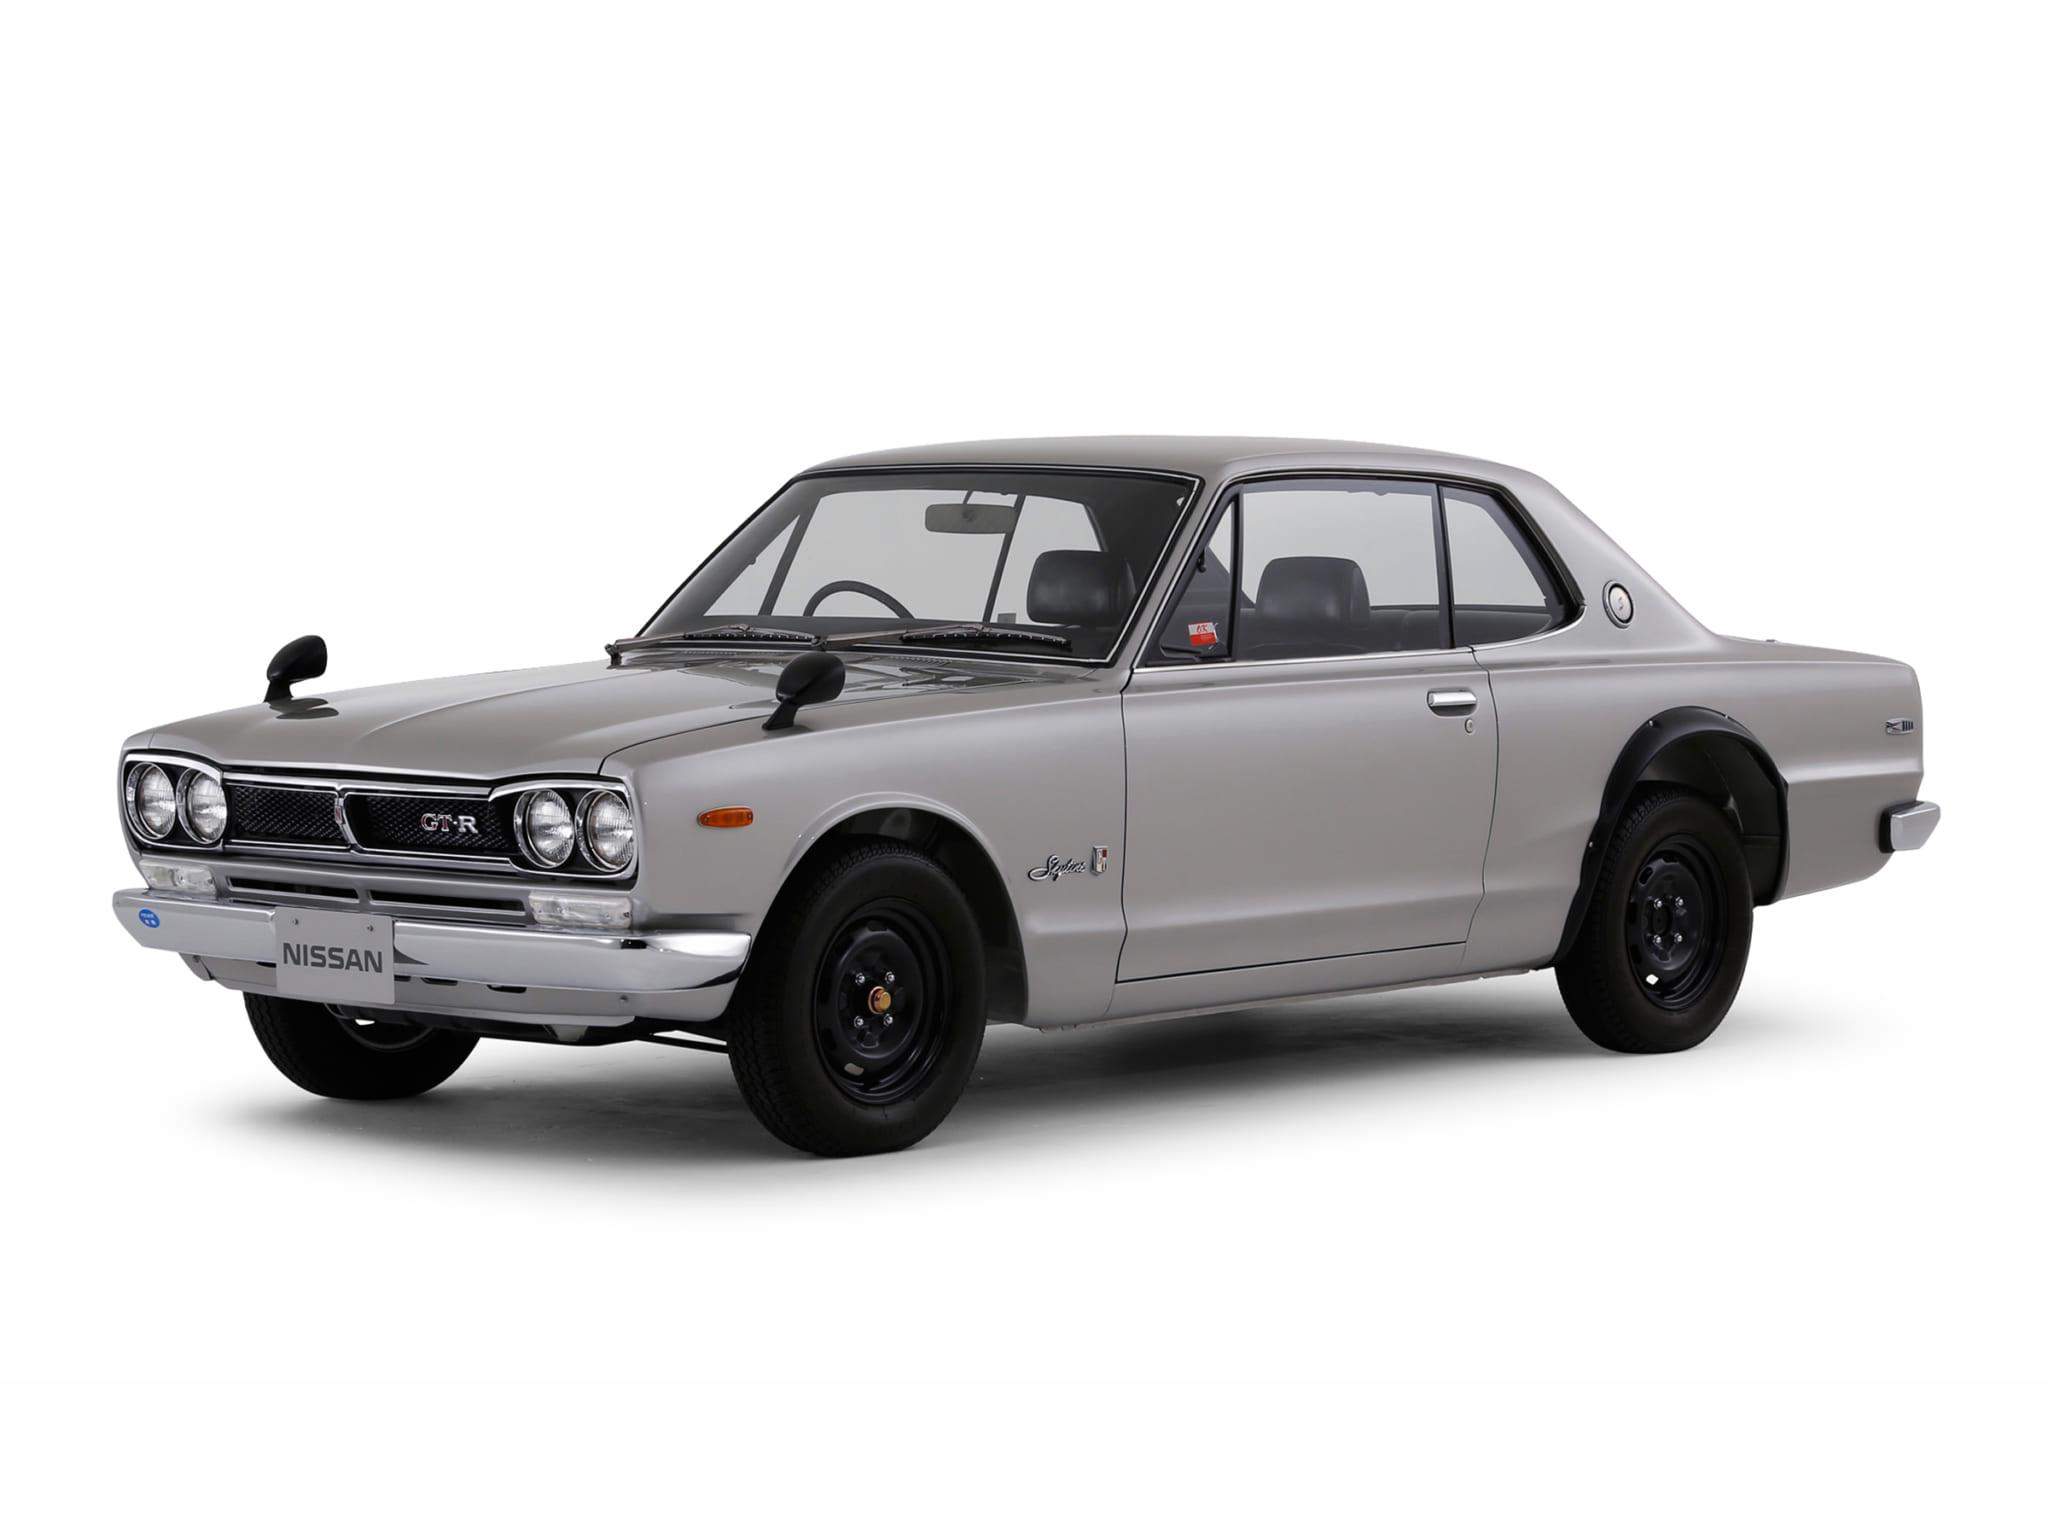 新車価格の5倍6倍はザラ! 約50年も経った初代スカイラインGT-Rの中古が超高額なワケ